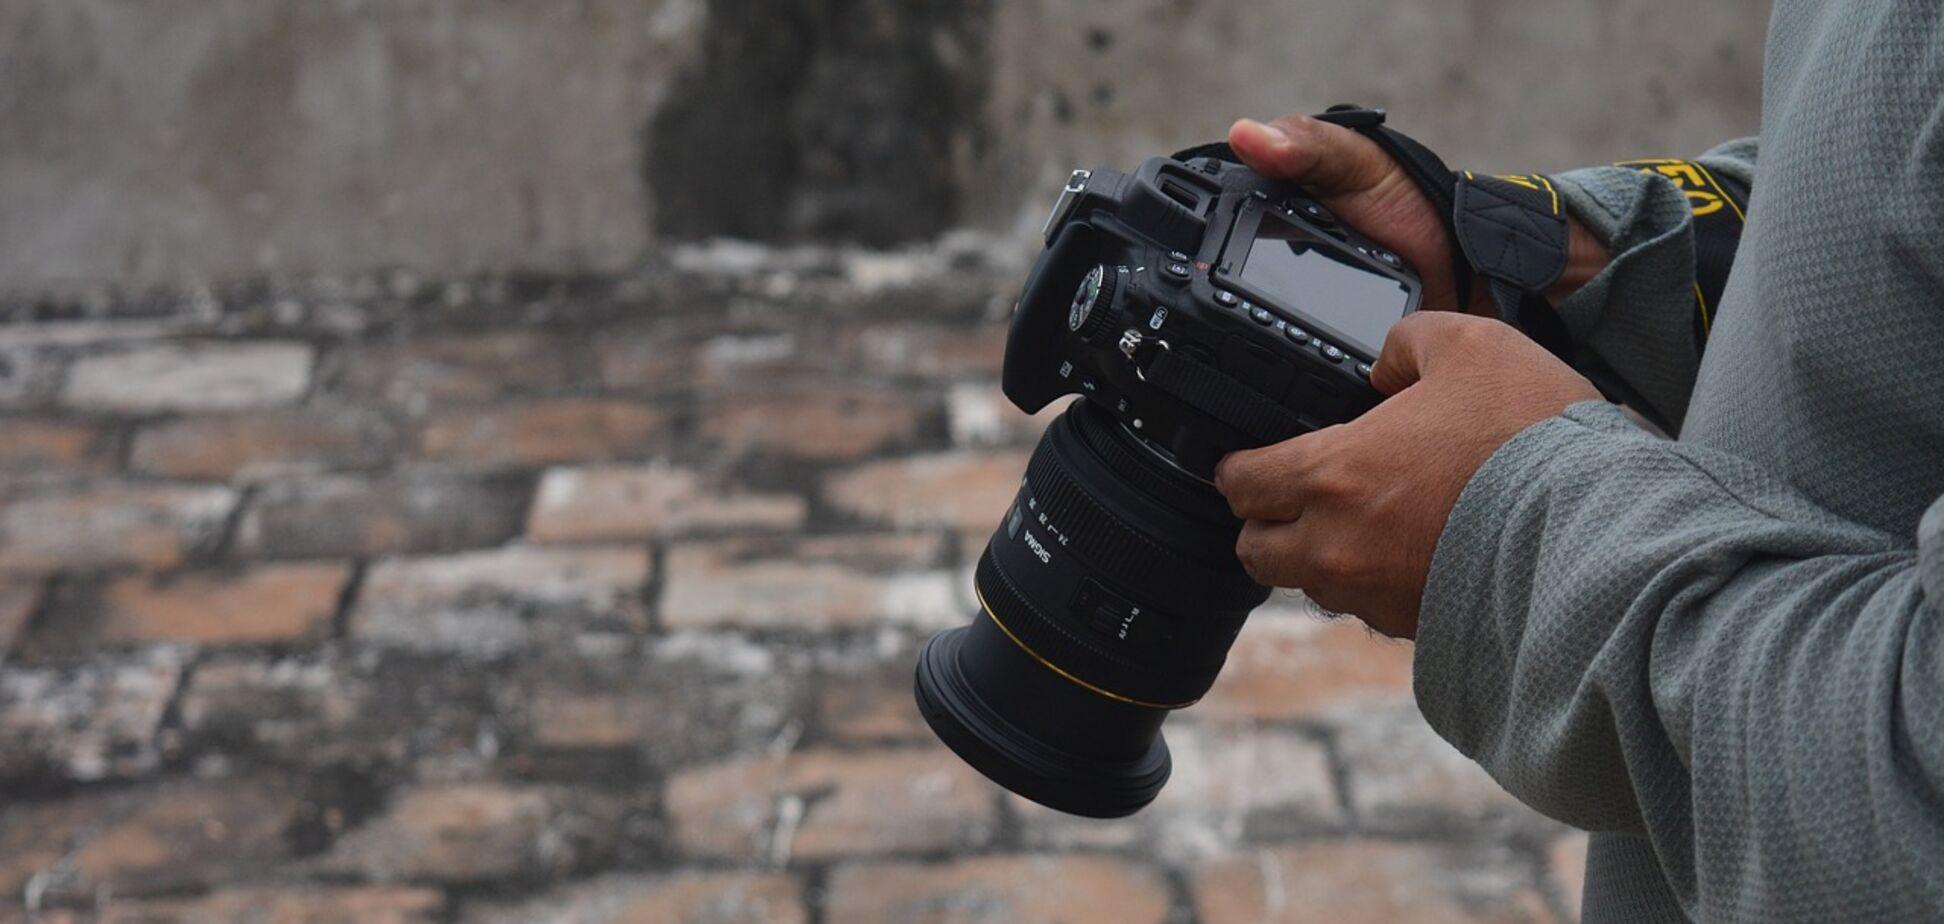 В Европе запретили фотографировать людей: что это значит